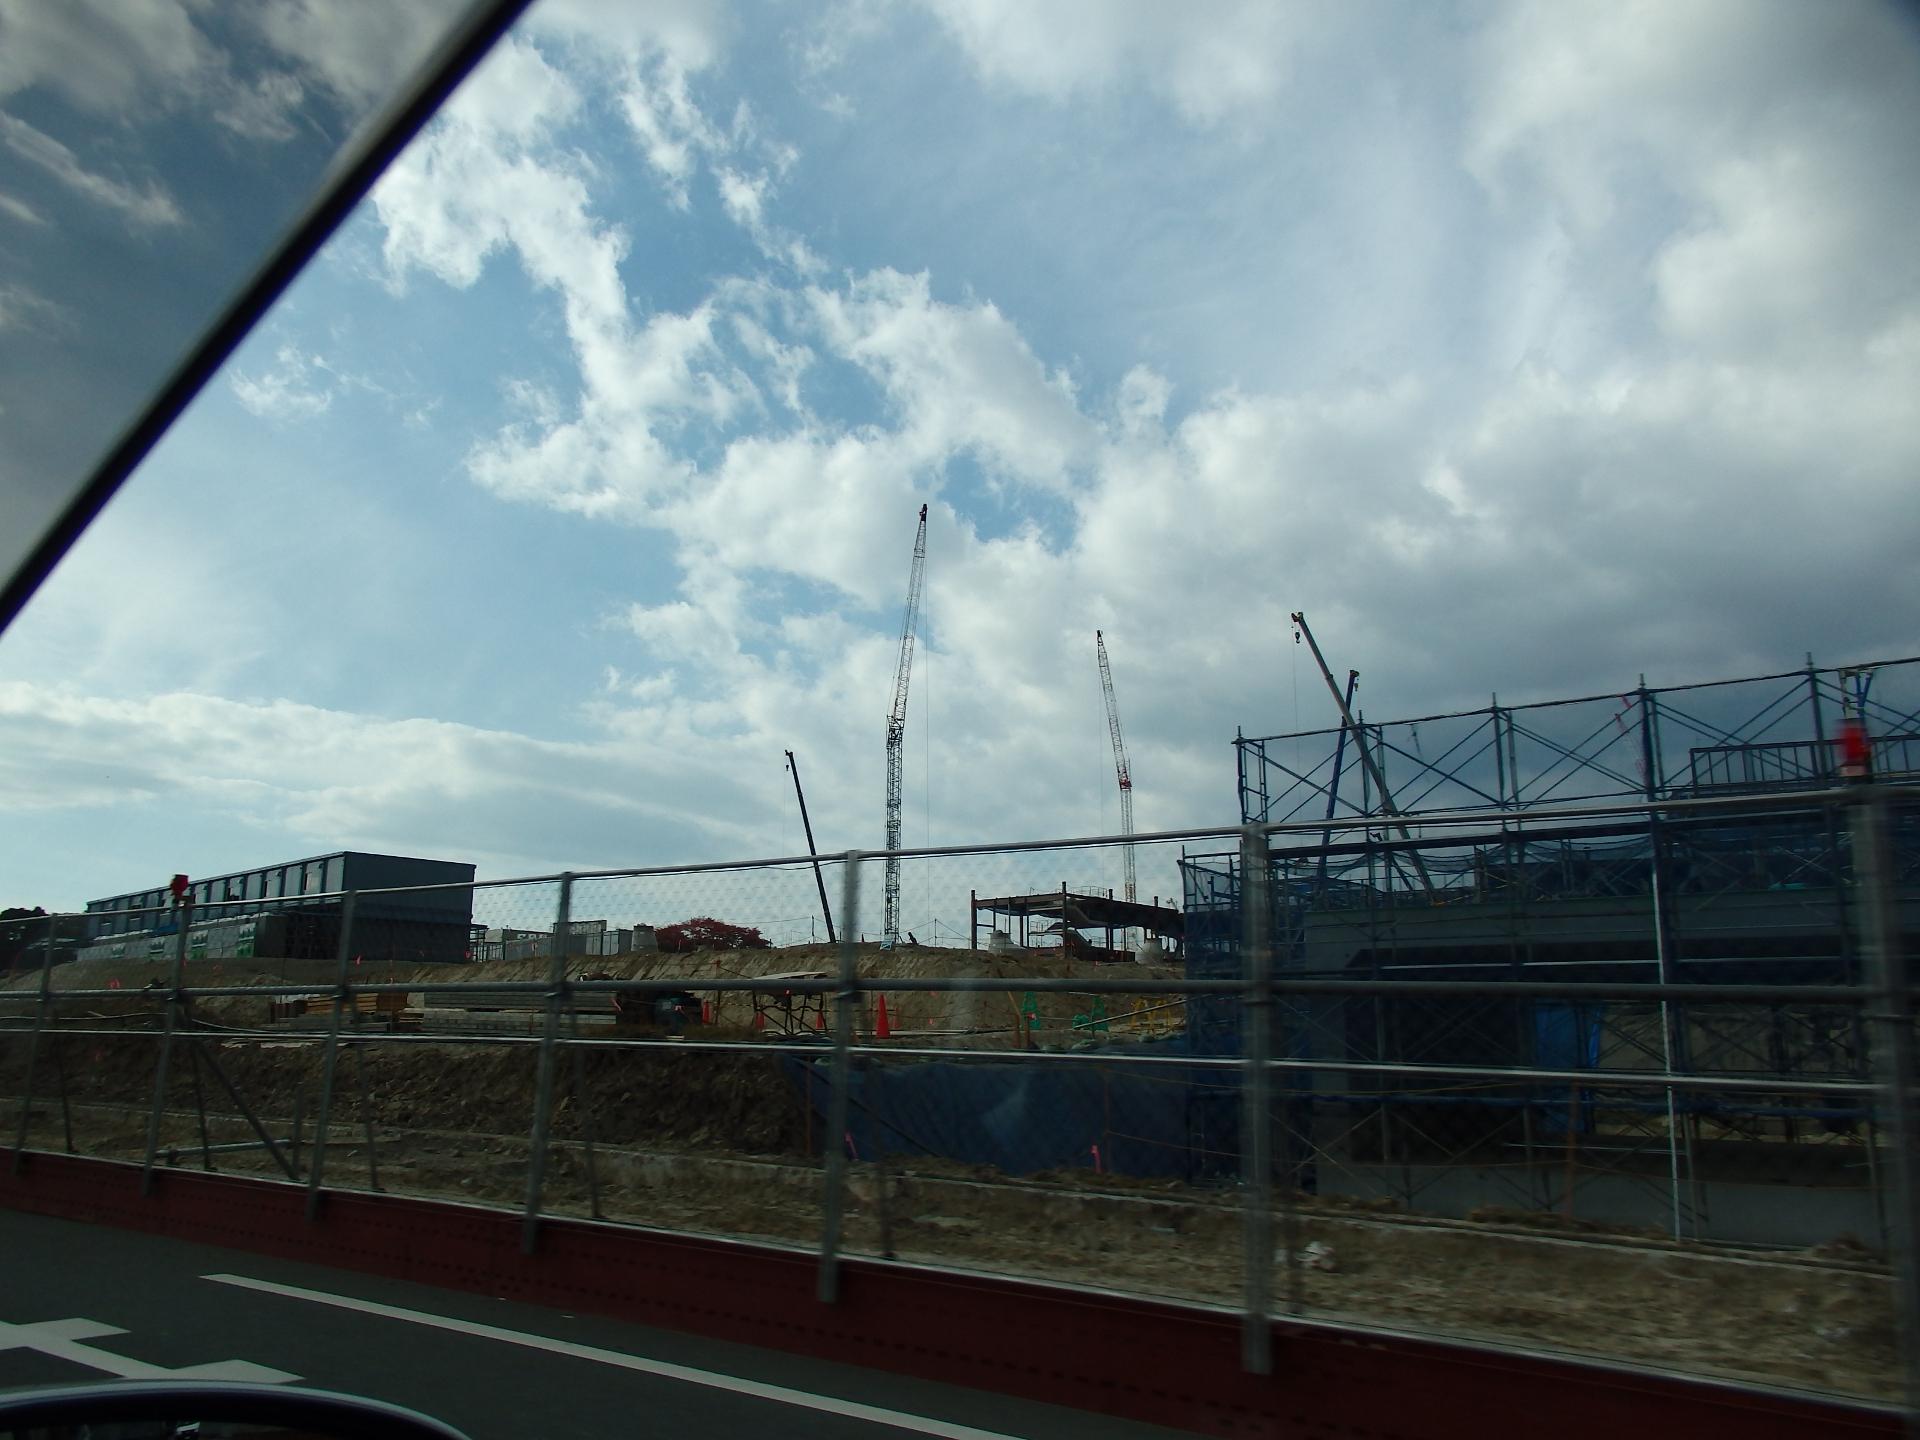 サッカースタジアム建設工事現場です。